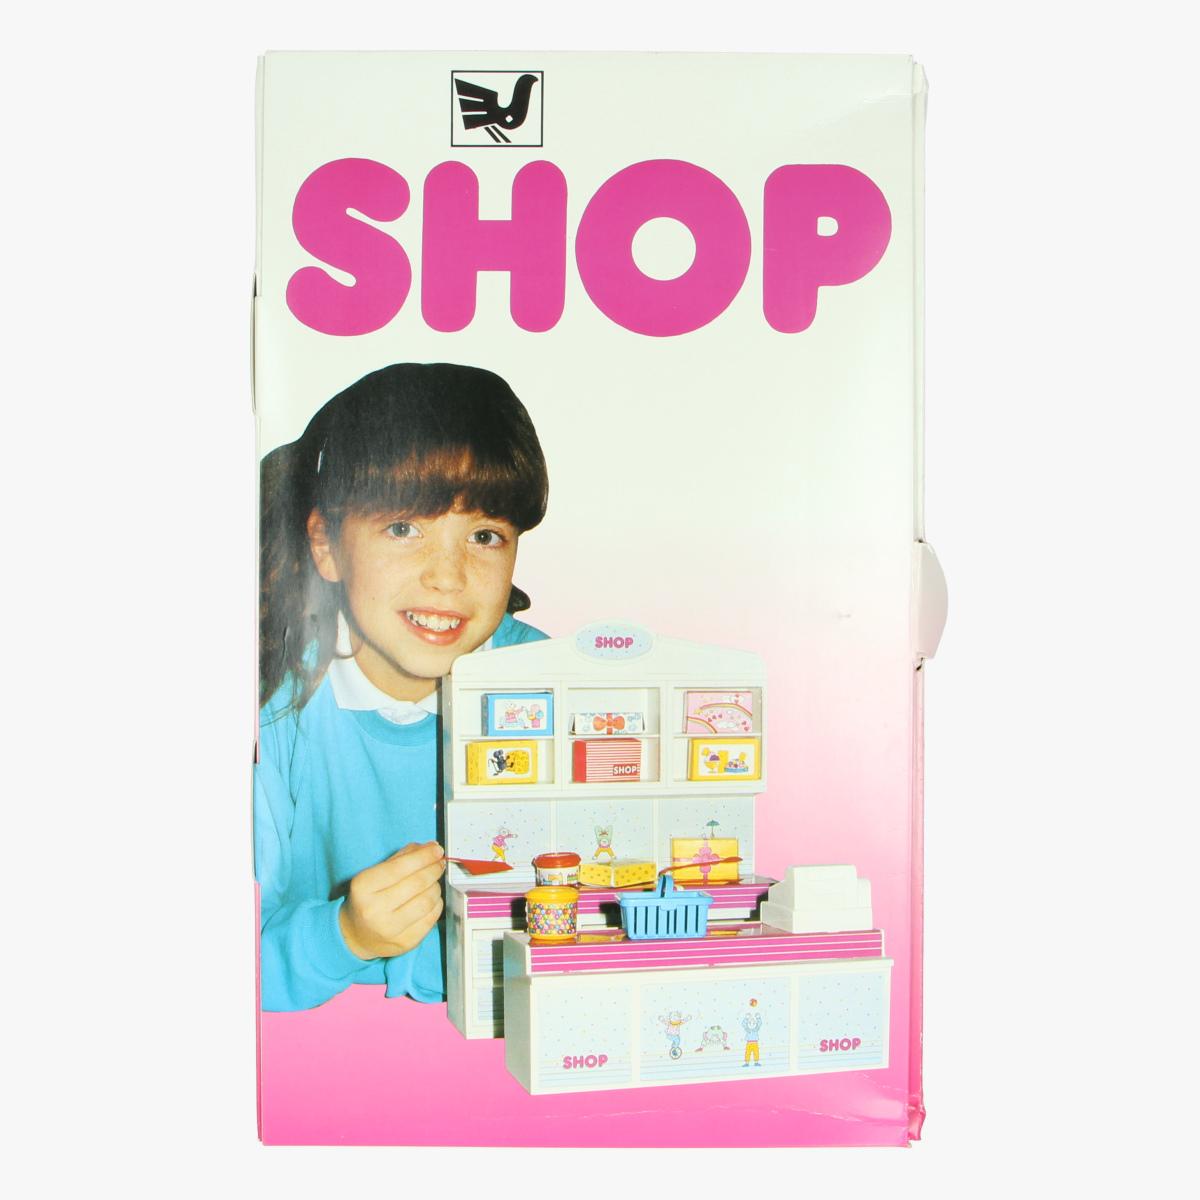 Afbeeldingen van shop kinderen winkeltje